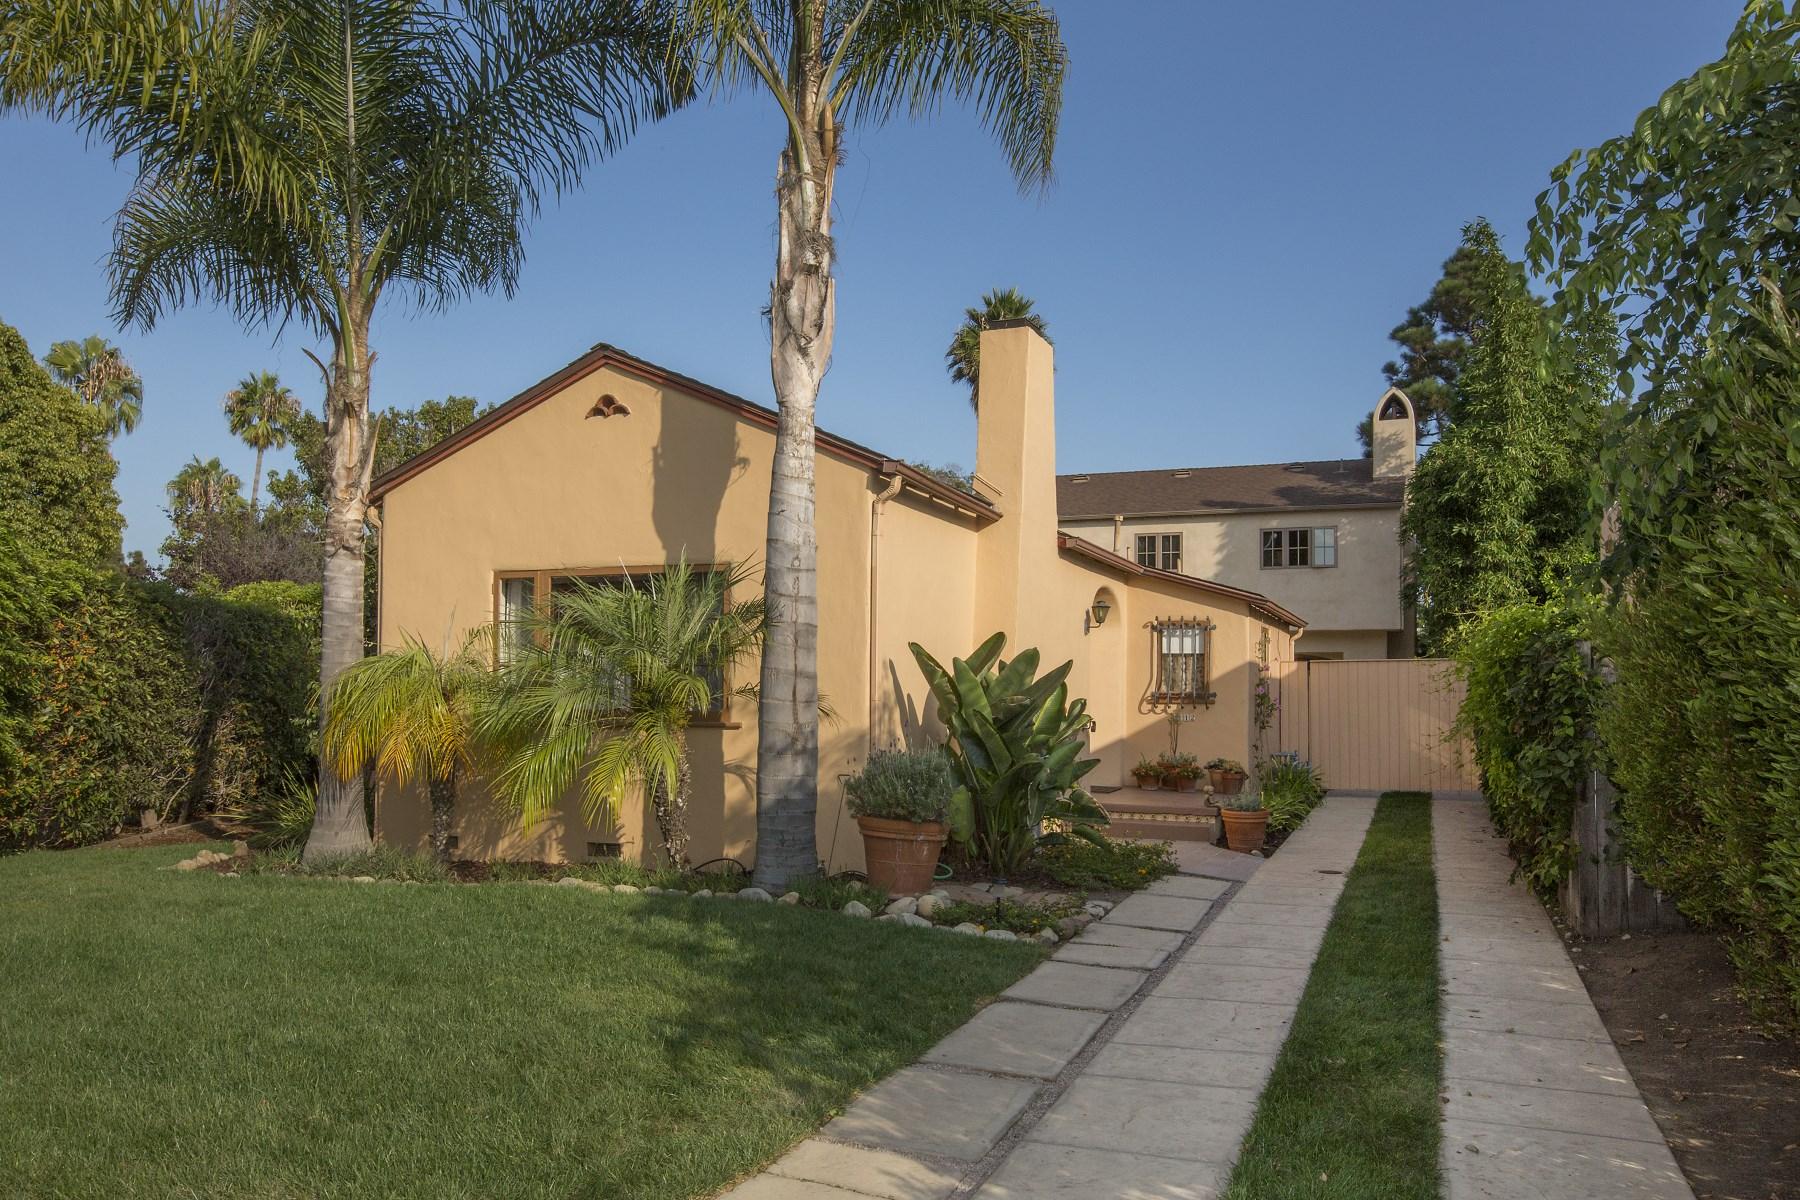 其它住宅 为 销售 在 Beach Town USA 1112 Linden Avenue 卡平特里亚, 加利福尼亚州, 93013 美国